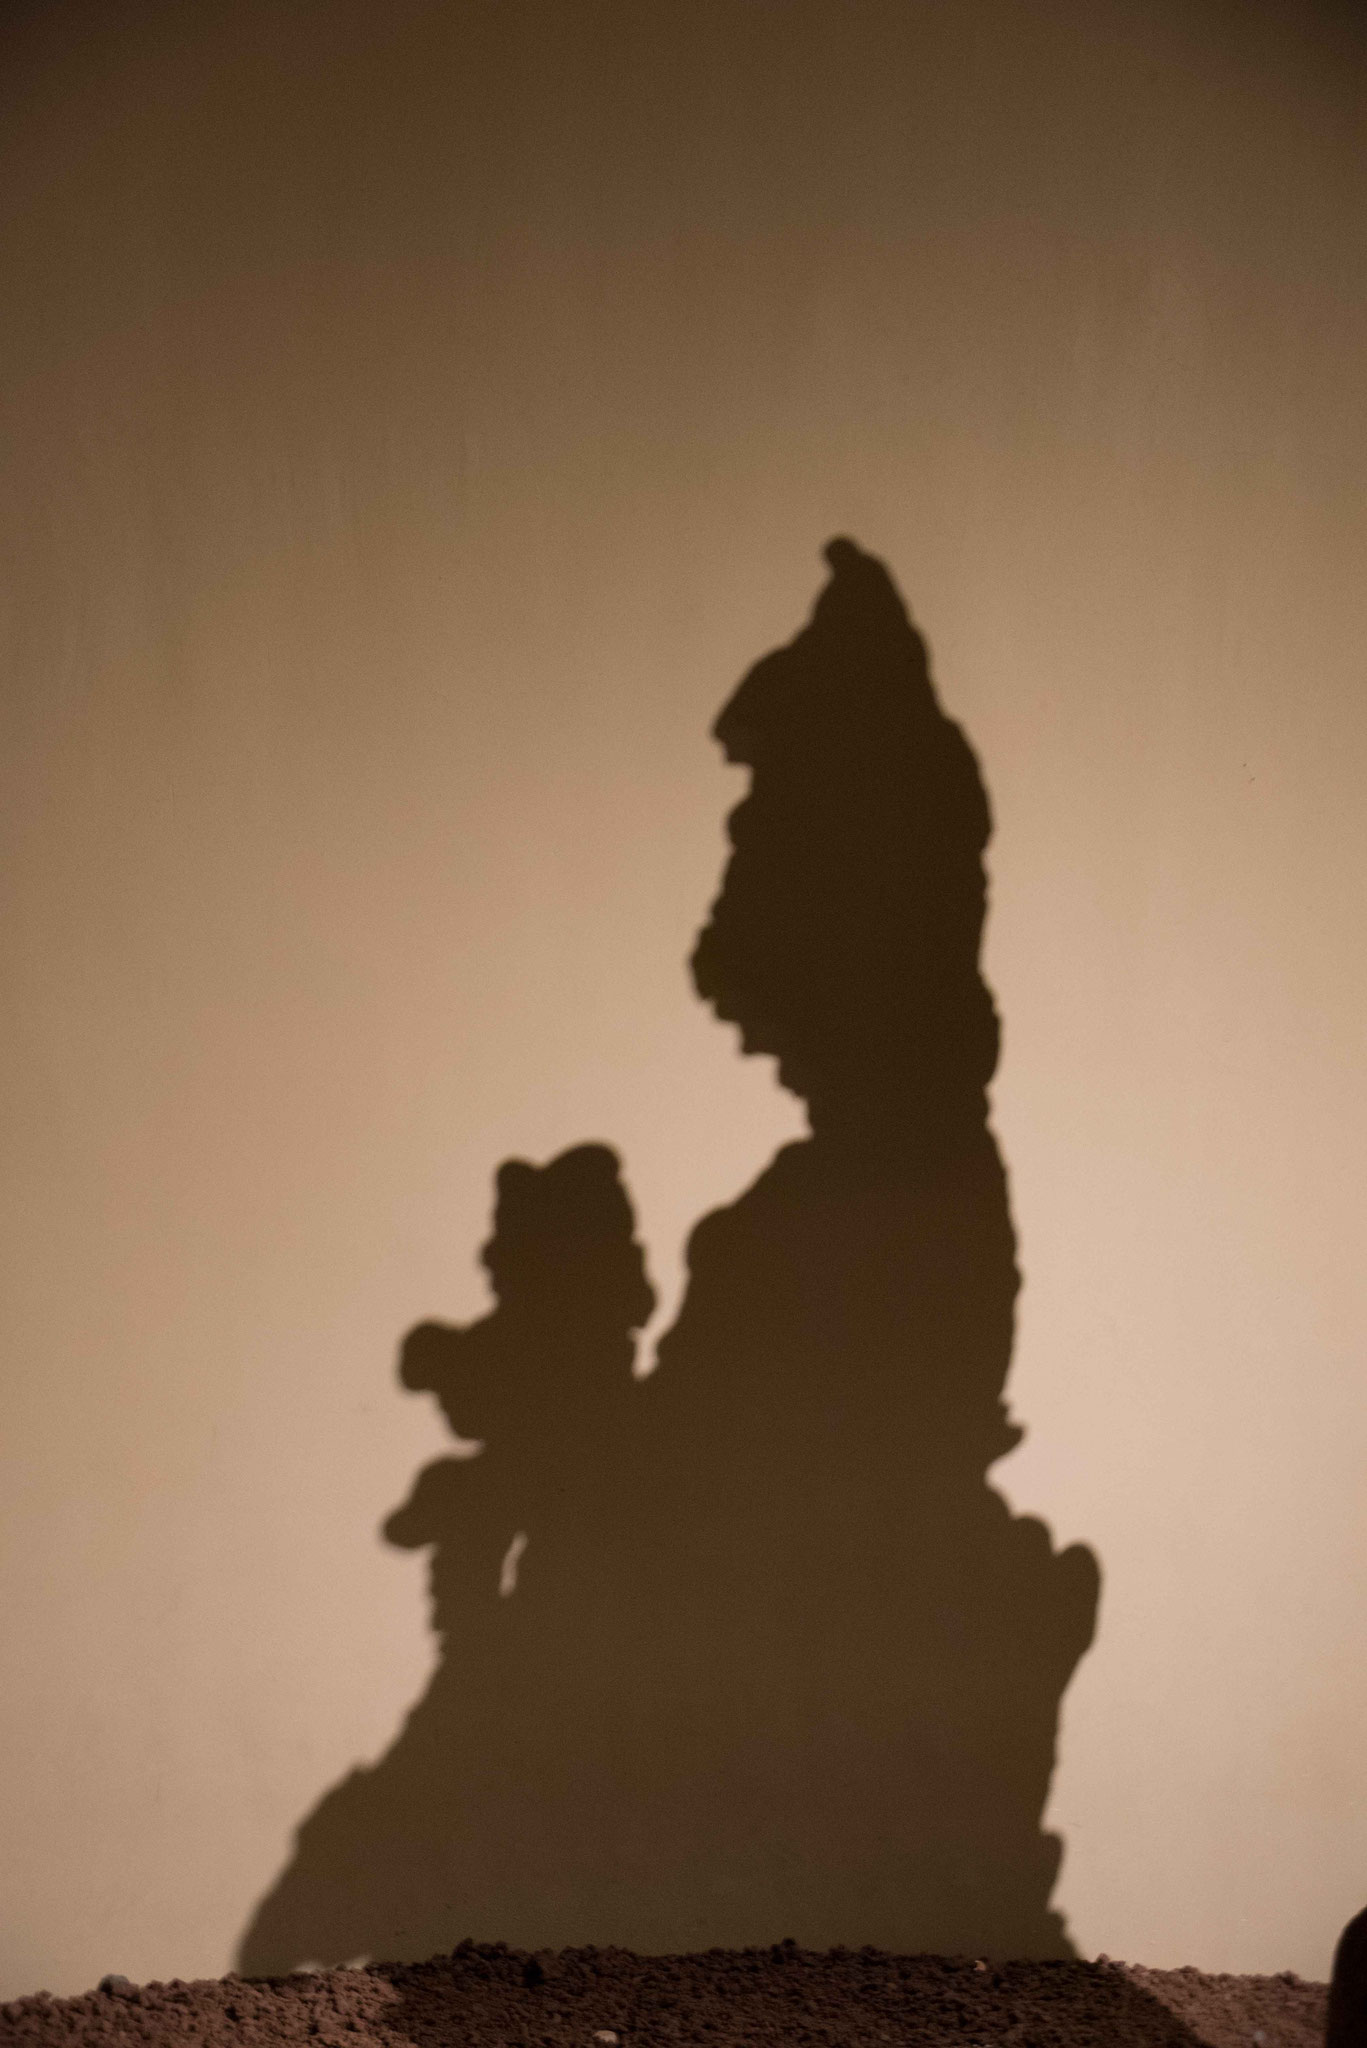 Schatten einer Steinfigur